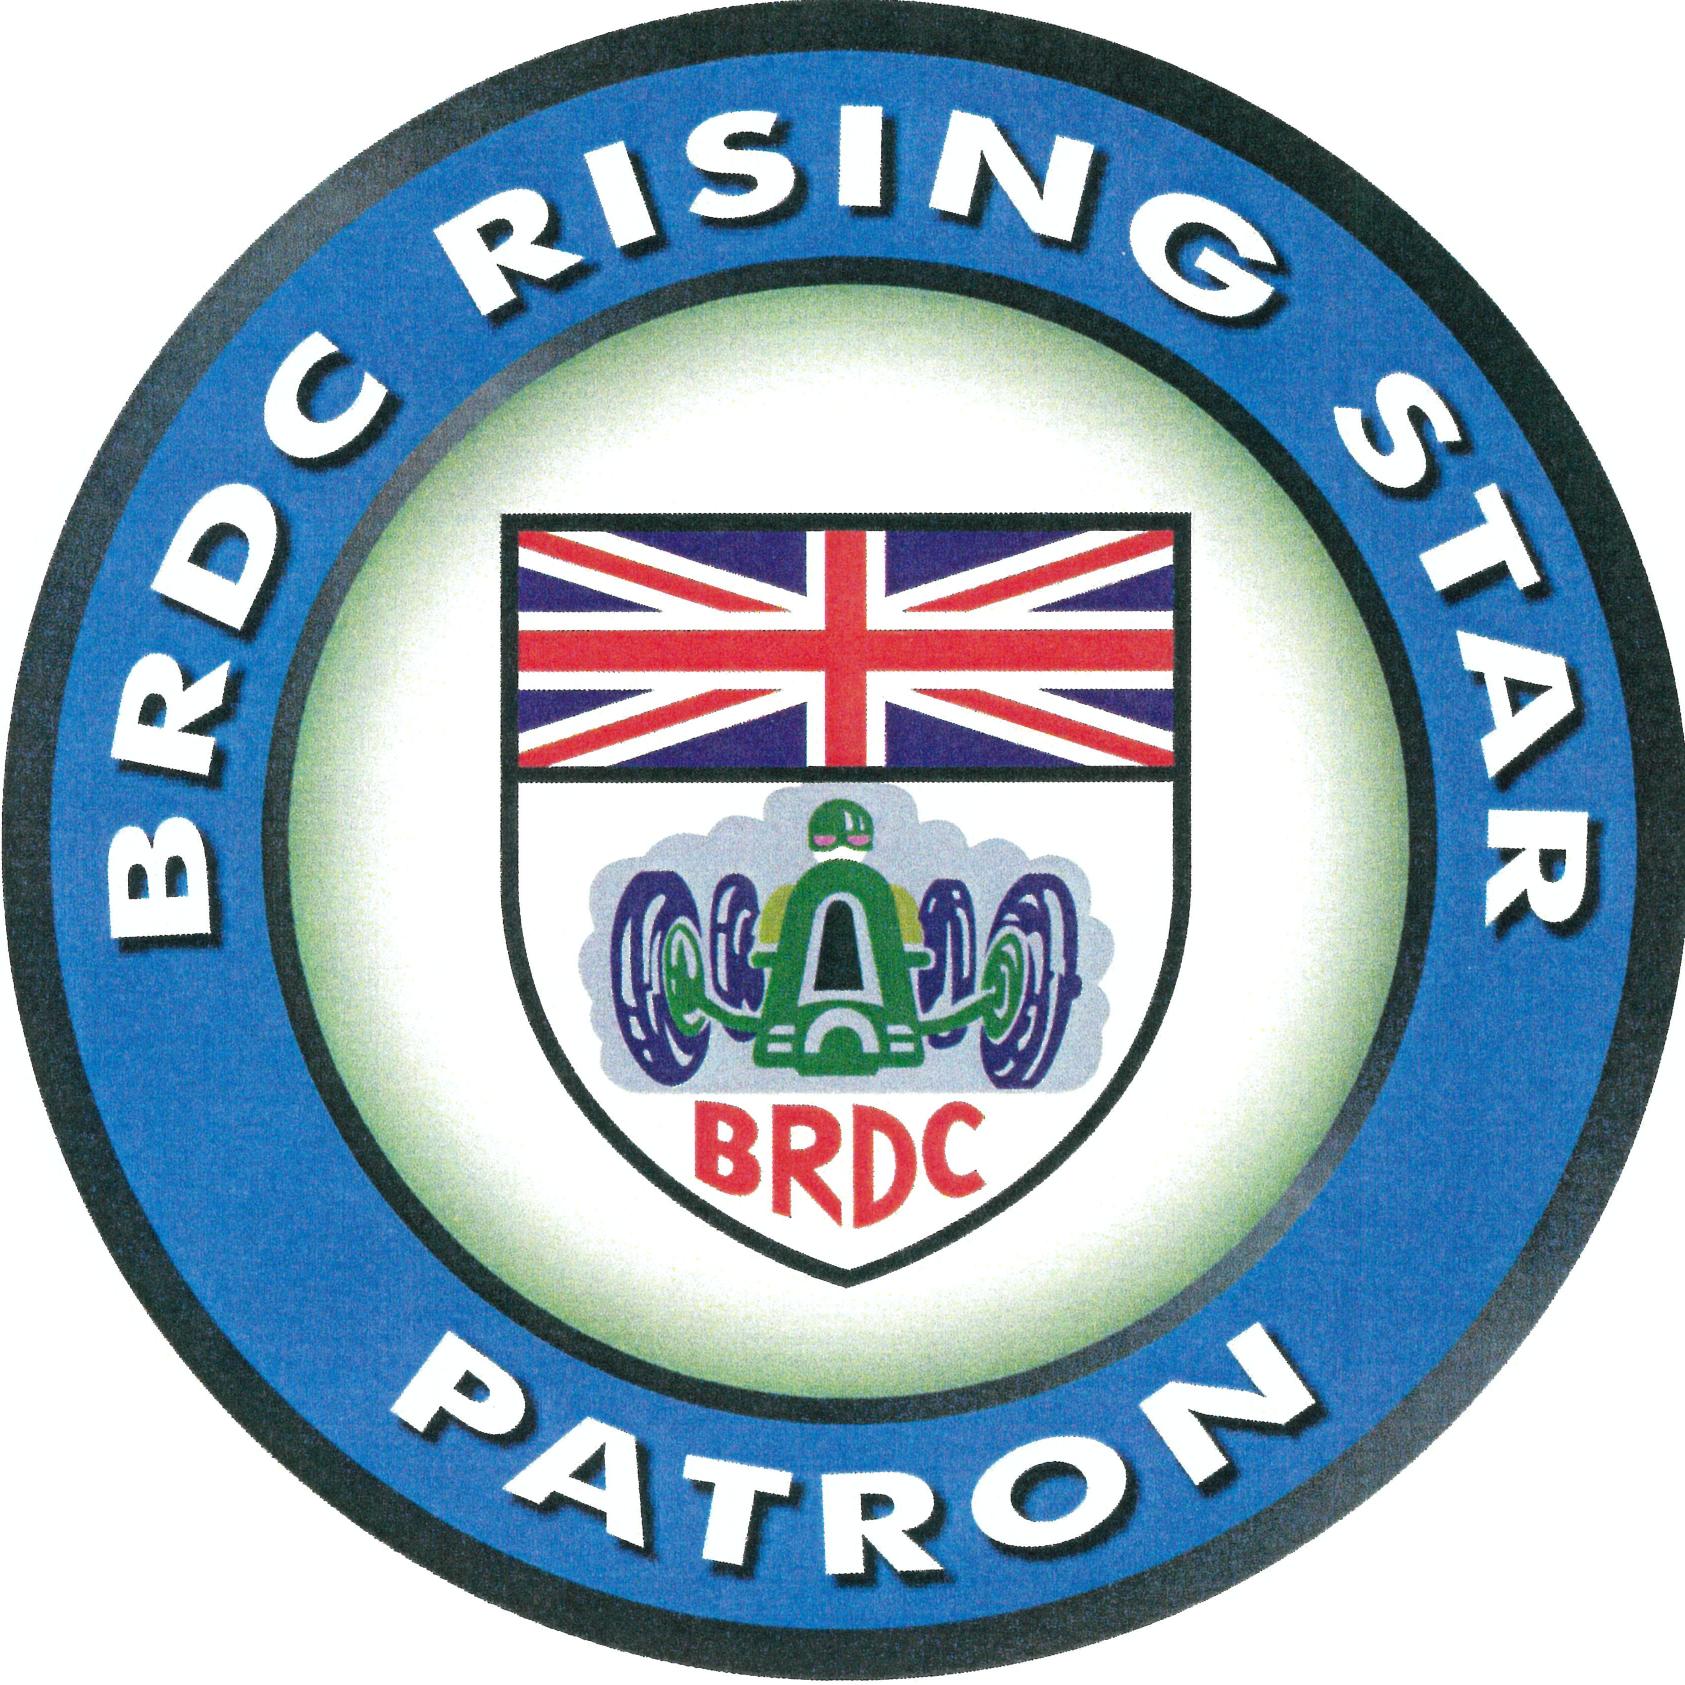 ブリティッシュ・レーシング・ドライバーズ・クラブ(BRDC)とImmun' Âge公式 RISING STAR フィットネス パートナー契約締結